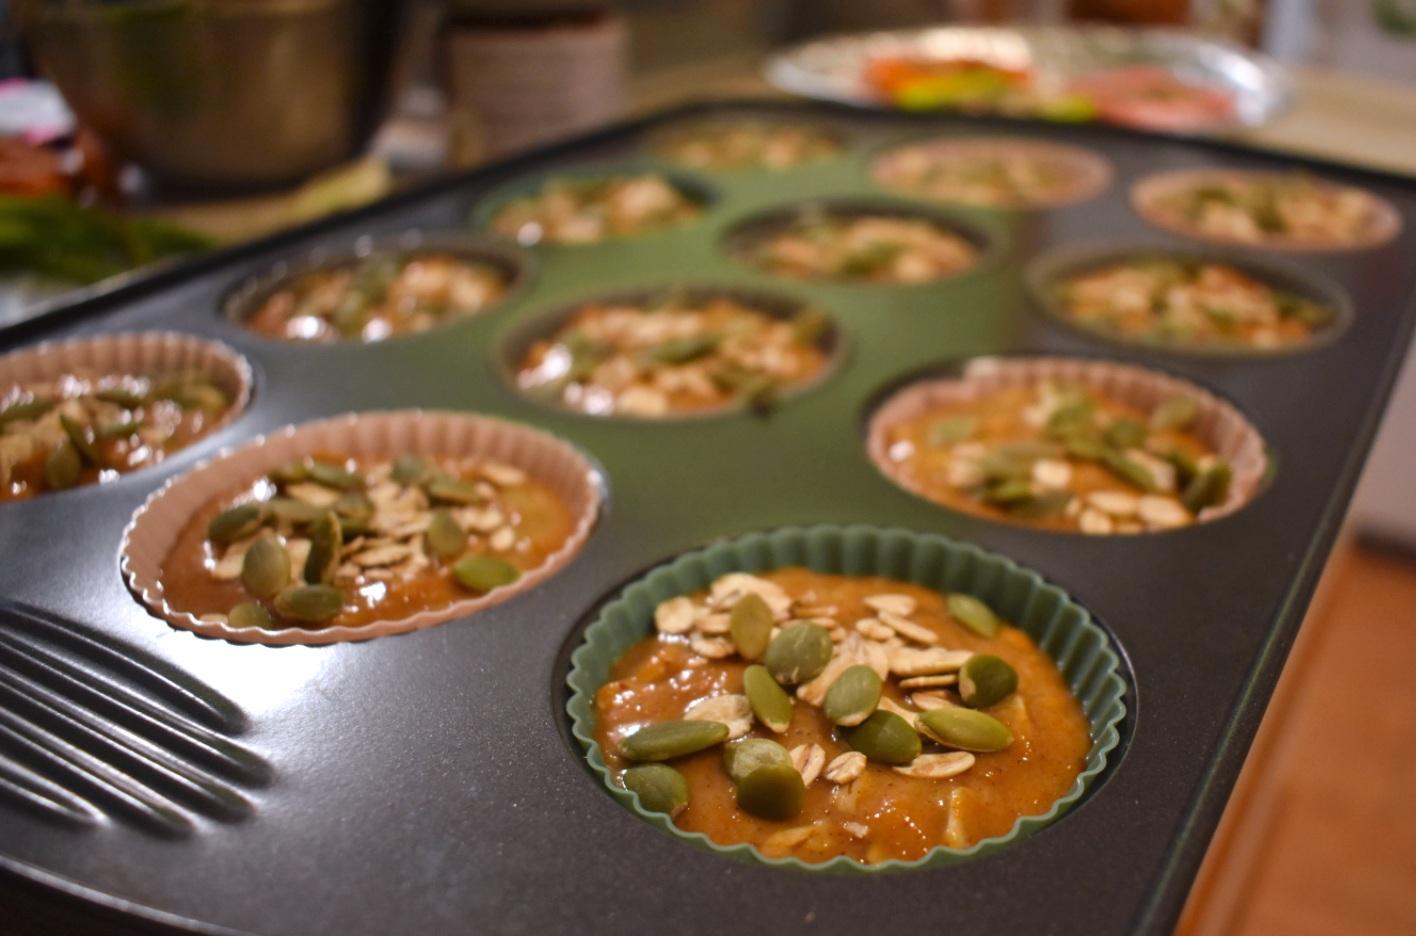 Muffins à la citrouille et à l'avoine dans un seul bol - Auboutdelalangue.com (4)